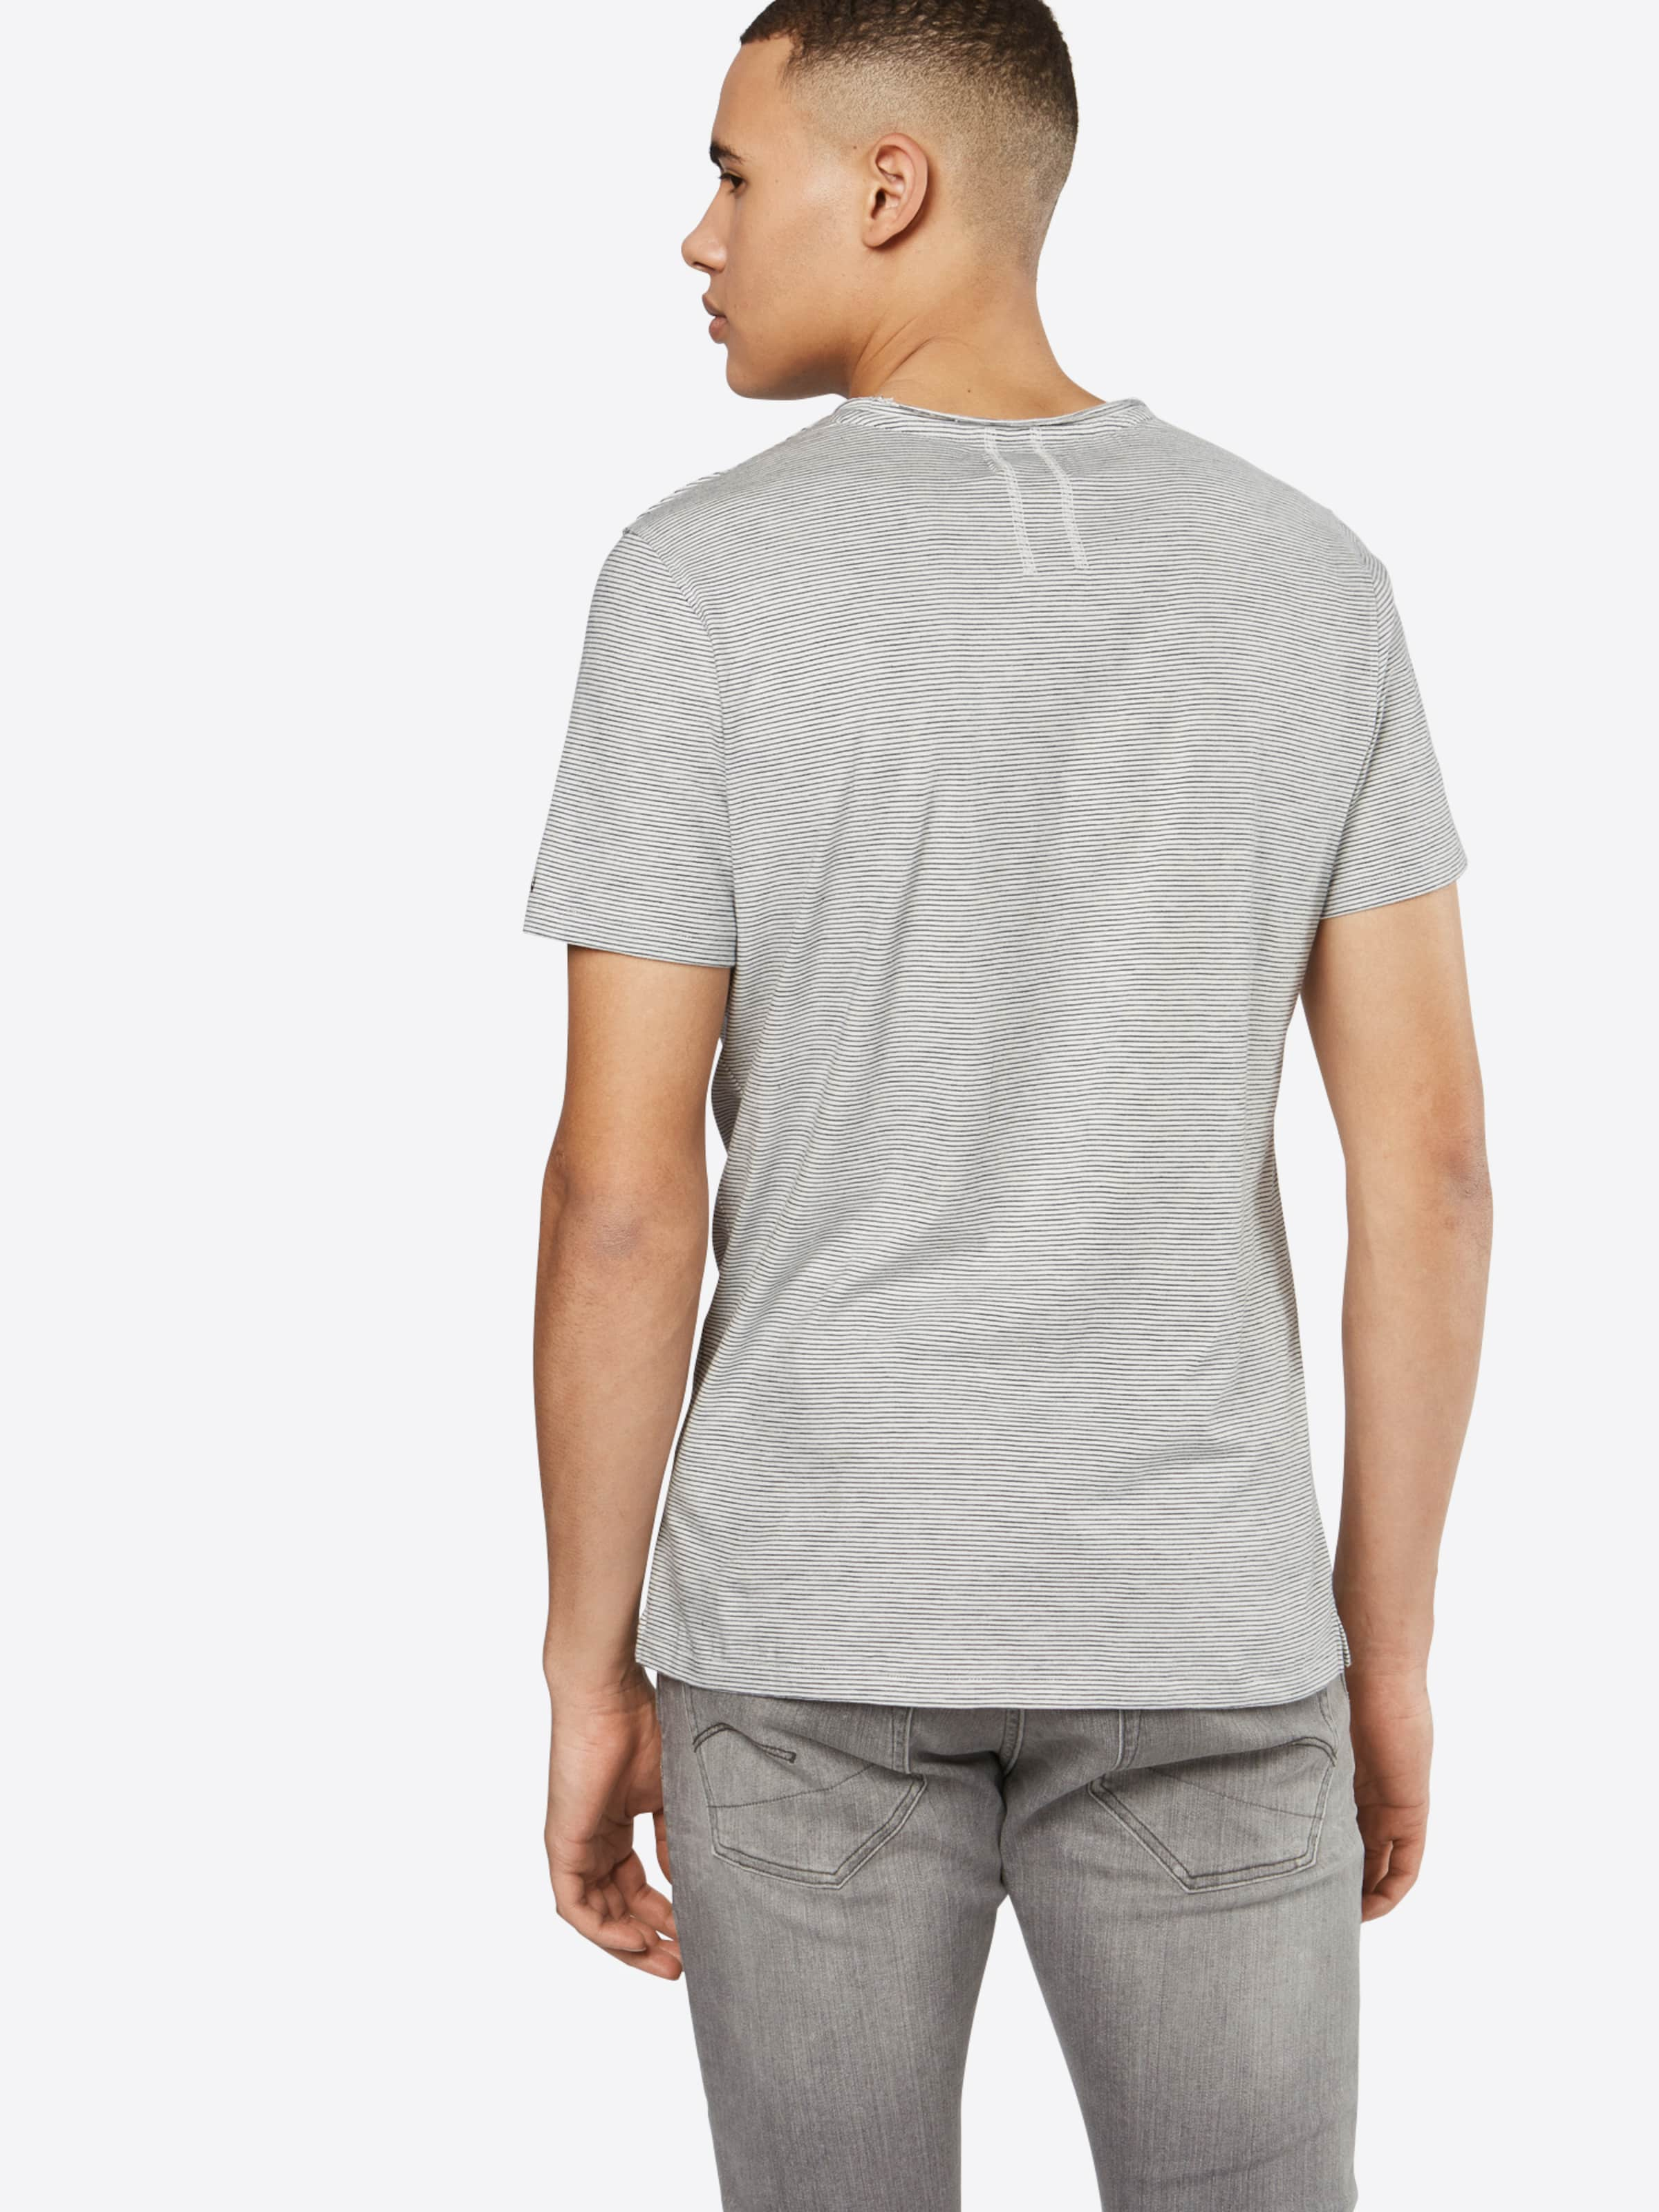 2018 Neue Billige Mode NOWADAYS Gestreiftes T-Shirt 'heather stripe' Drop-Shipping Freies Verschiffen Niedrig Kosten yZH1nO